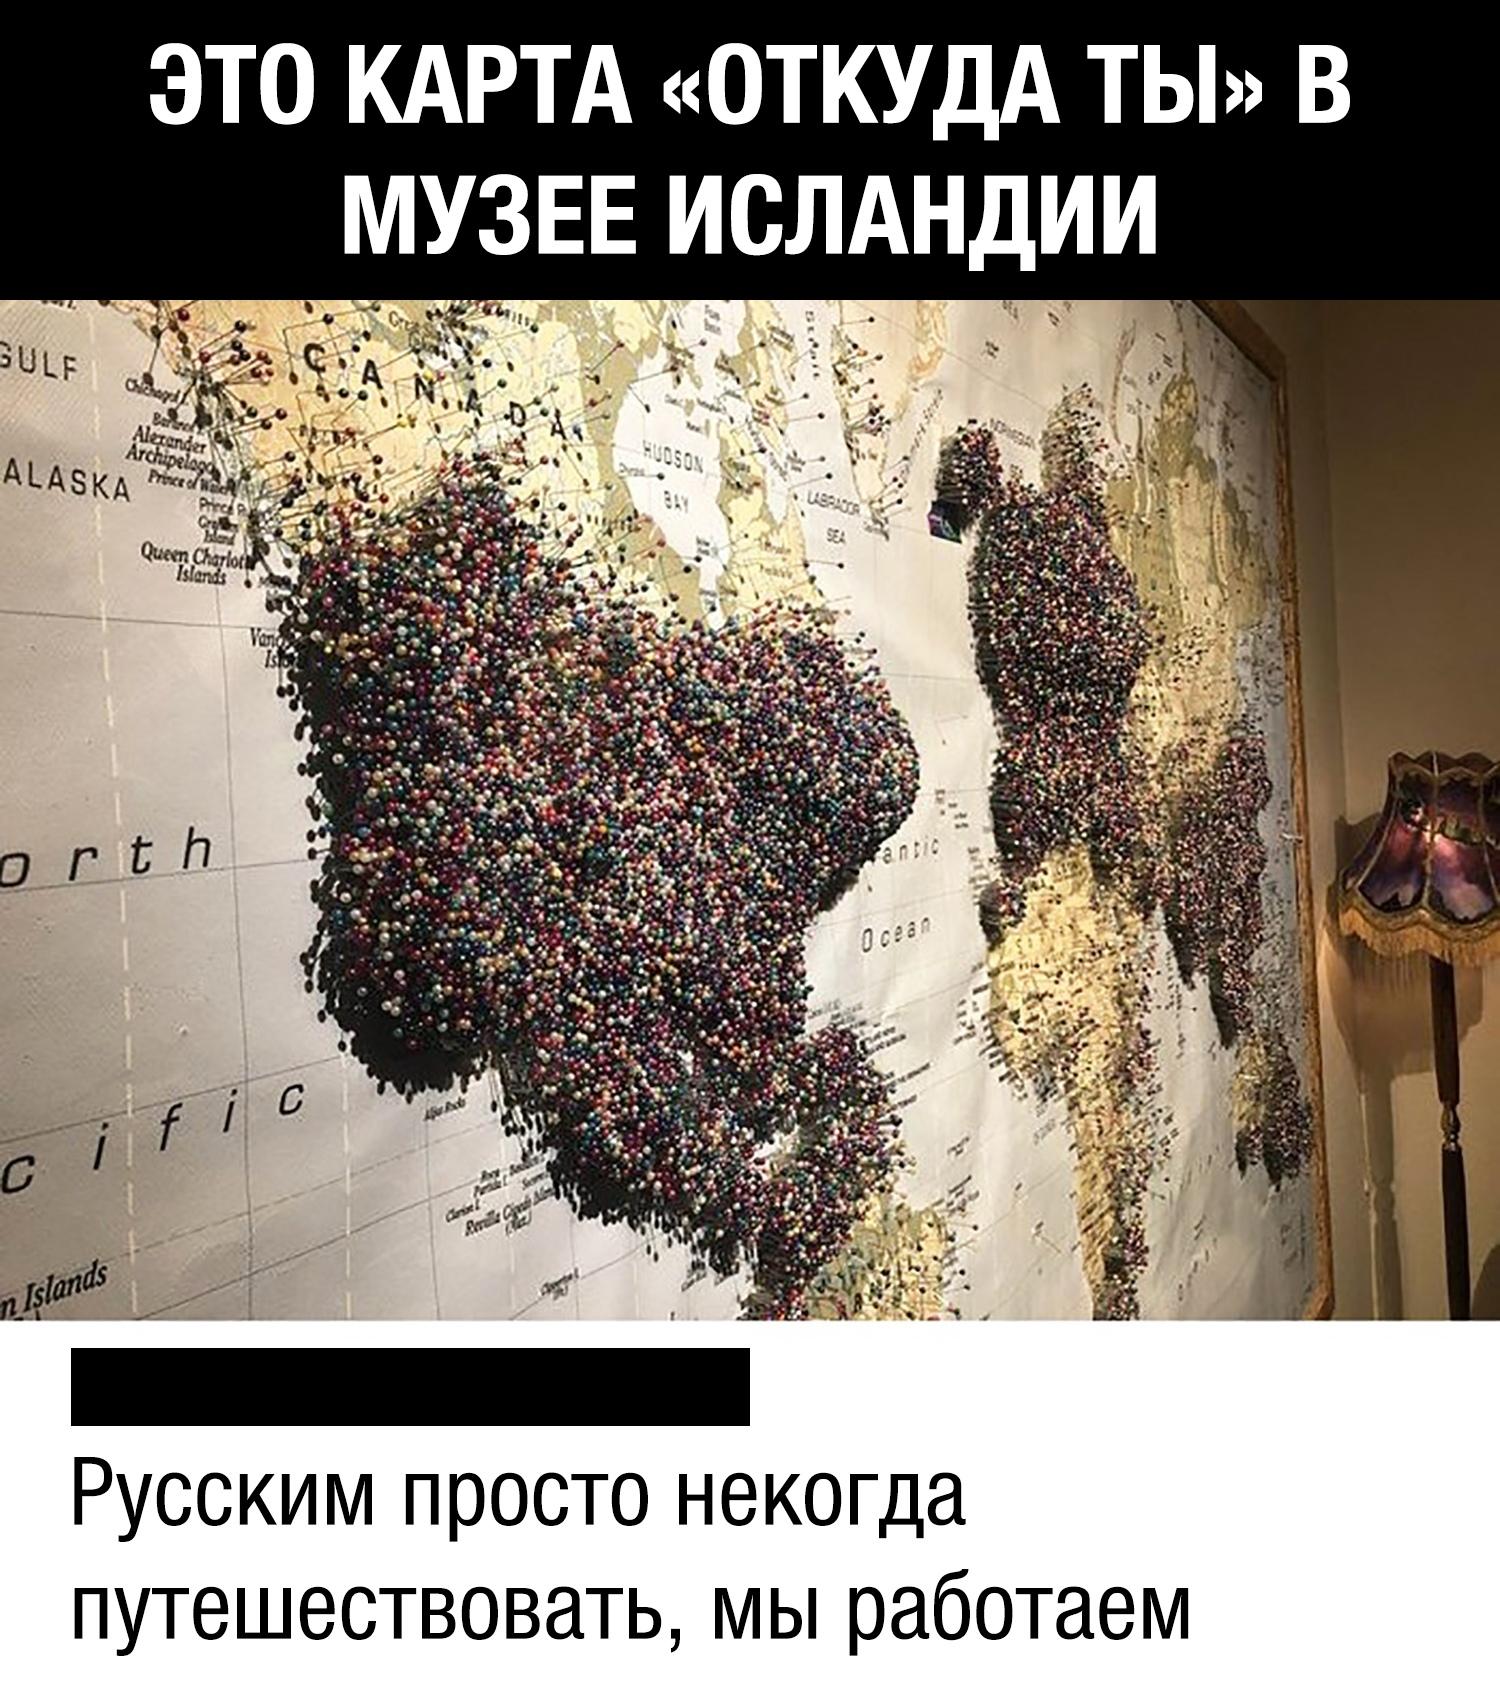 Русские всегда работ�